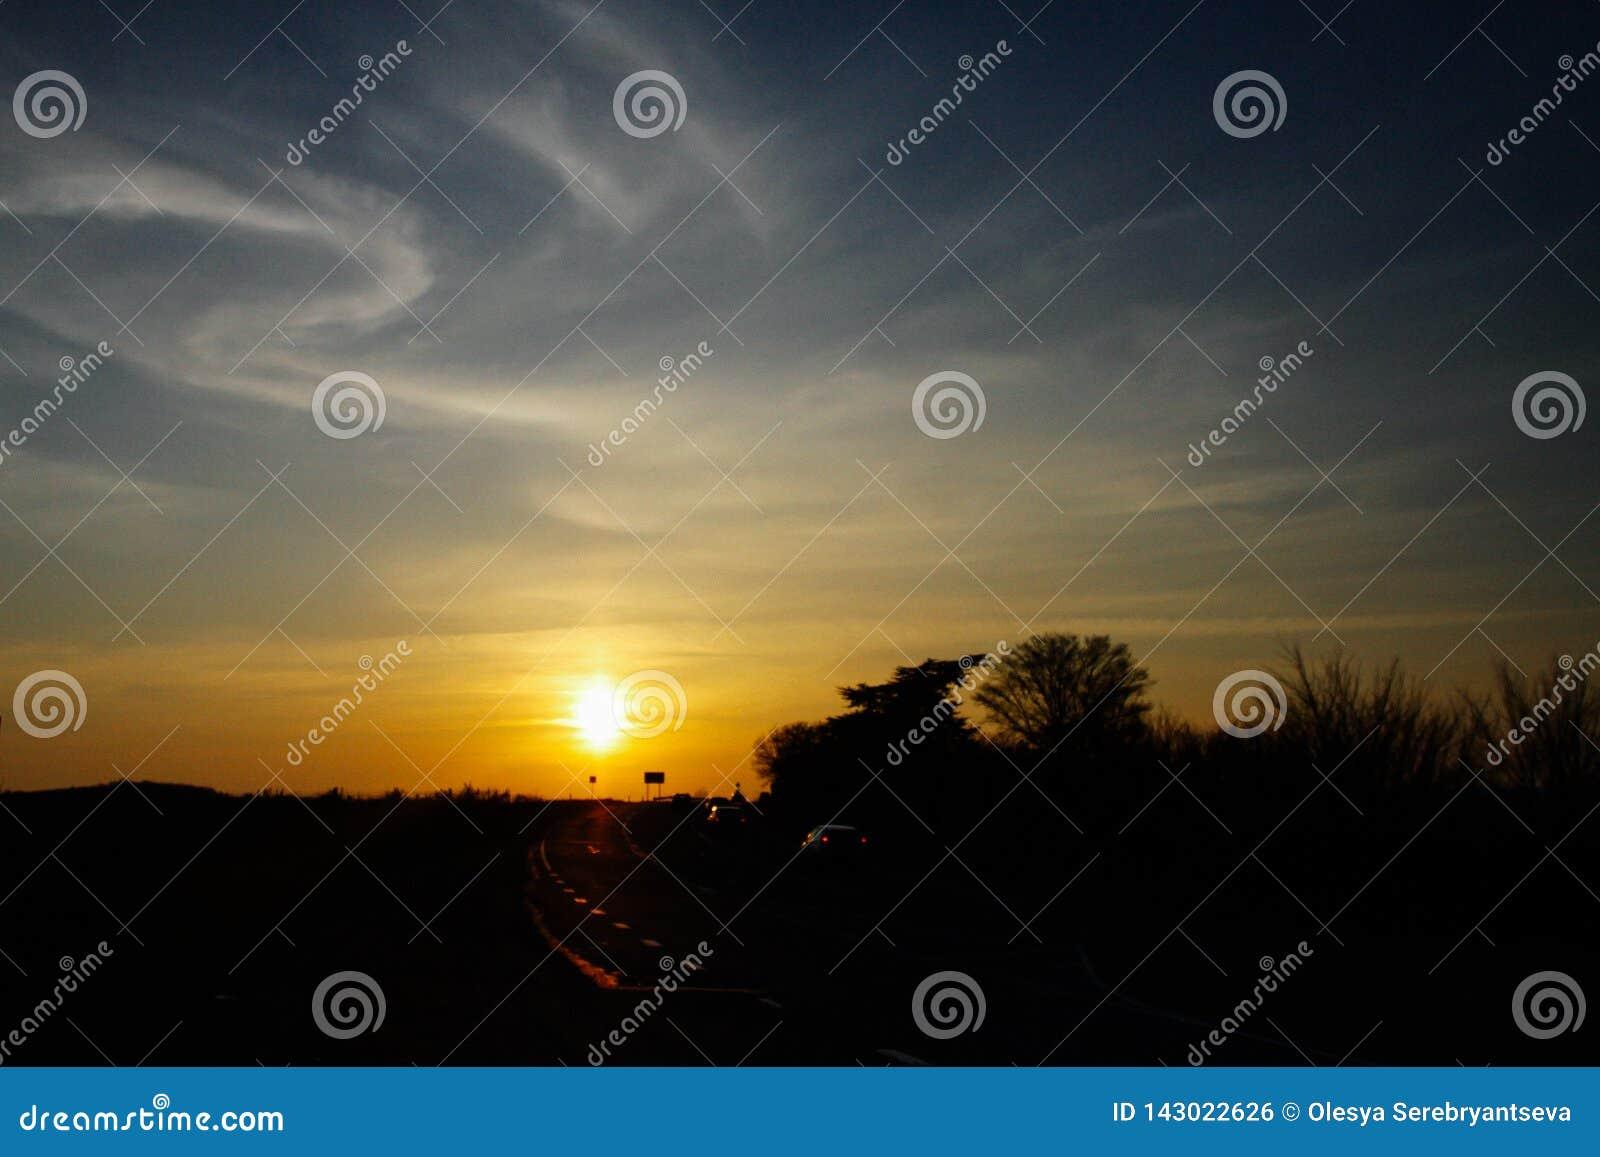 Ηλιοβασίλεμα κοντά στο δρόμο και τον όμορφο μπλε ουρανό, φυσική ομορφιά